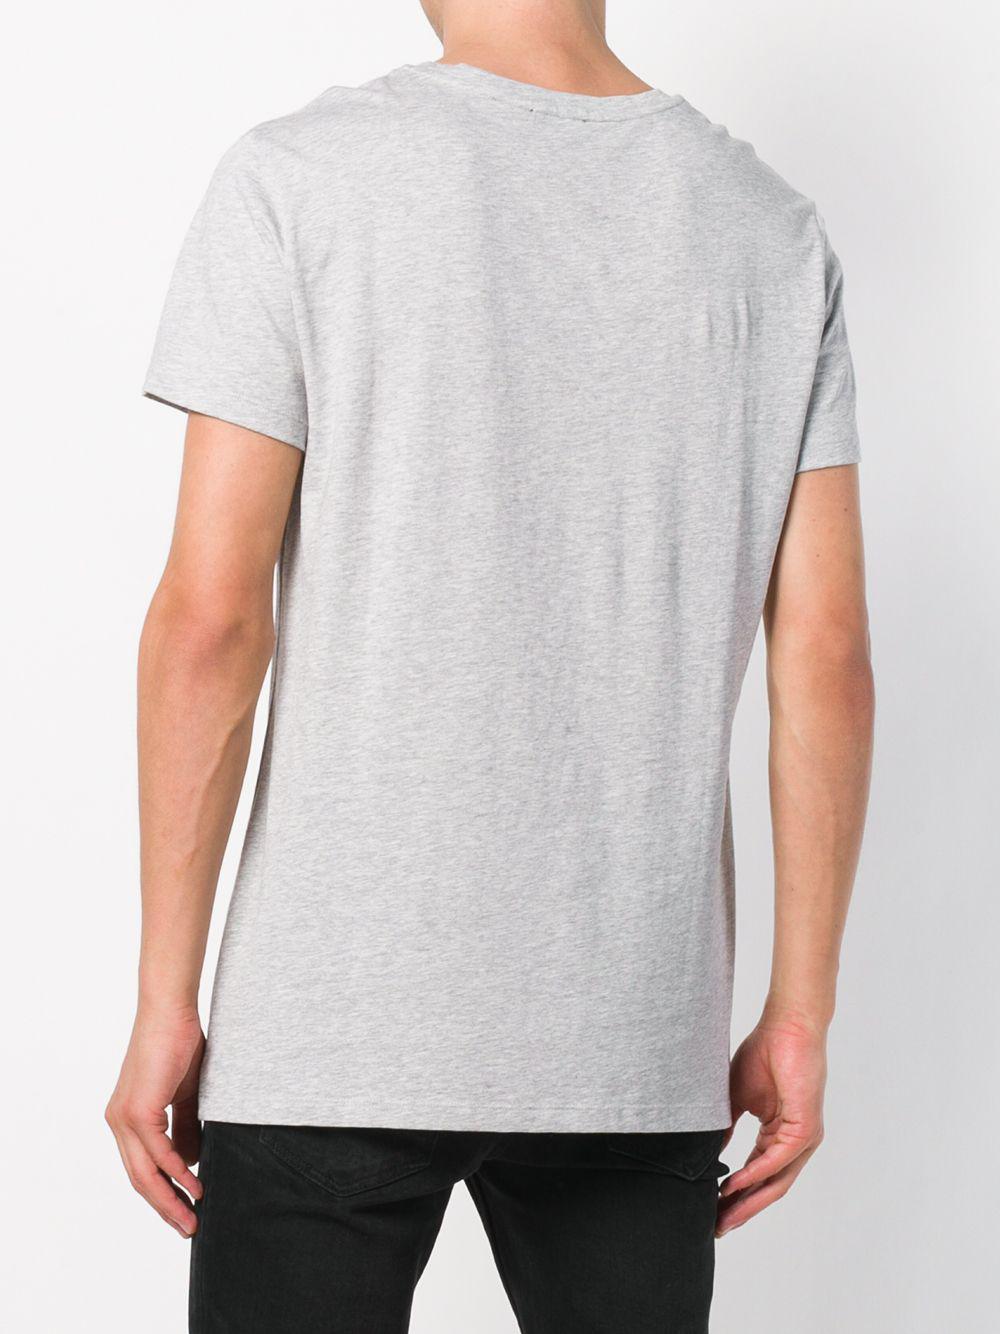 Balmain Printed T-shirt in Grey (Grey) for Men